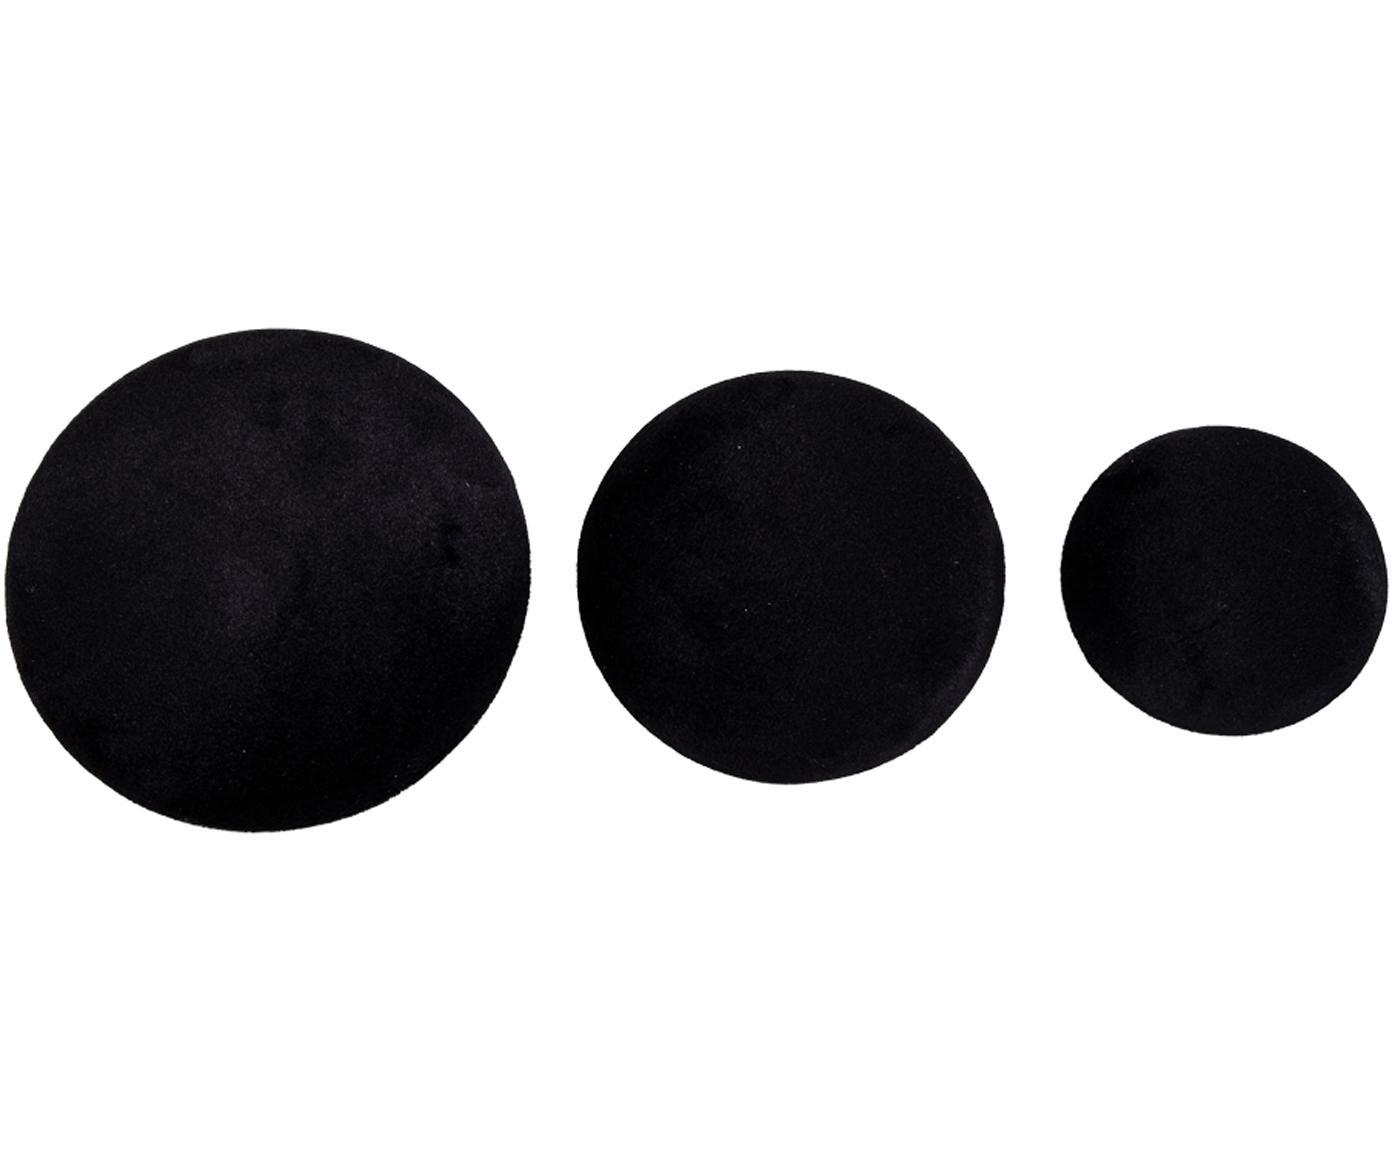 Komplet haków z aksamitu Giza, 3 elem., Aksamit, metal, Czarny, odcienie mosiądzu, Różne rozmiary